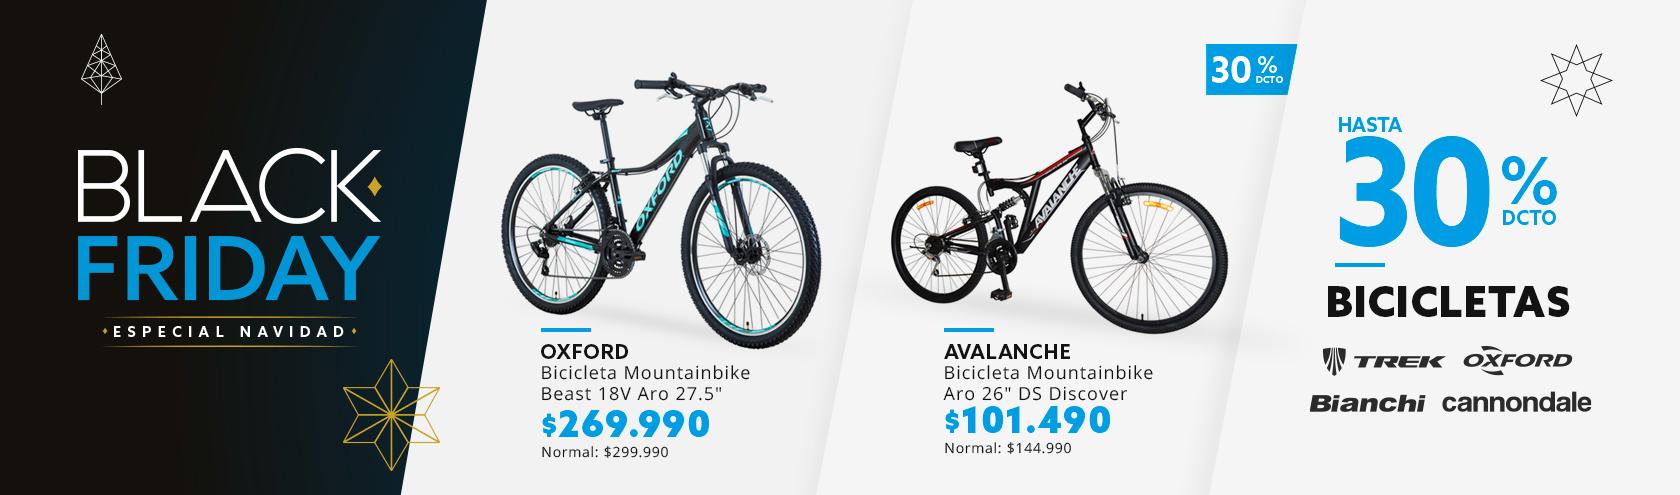 Hasta 30% de descuento en Bicicletas.